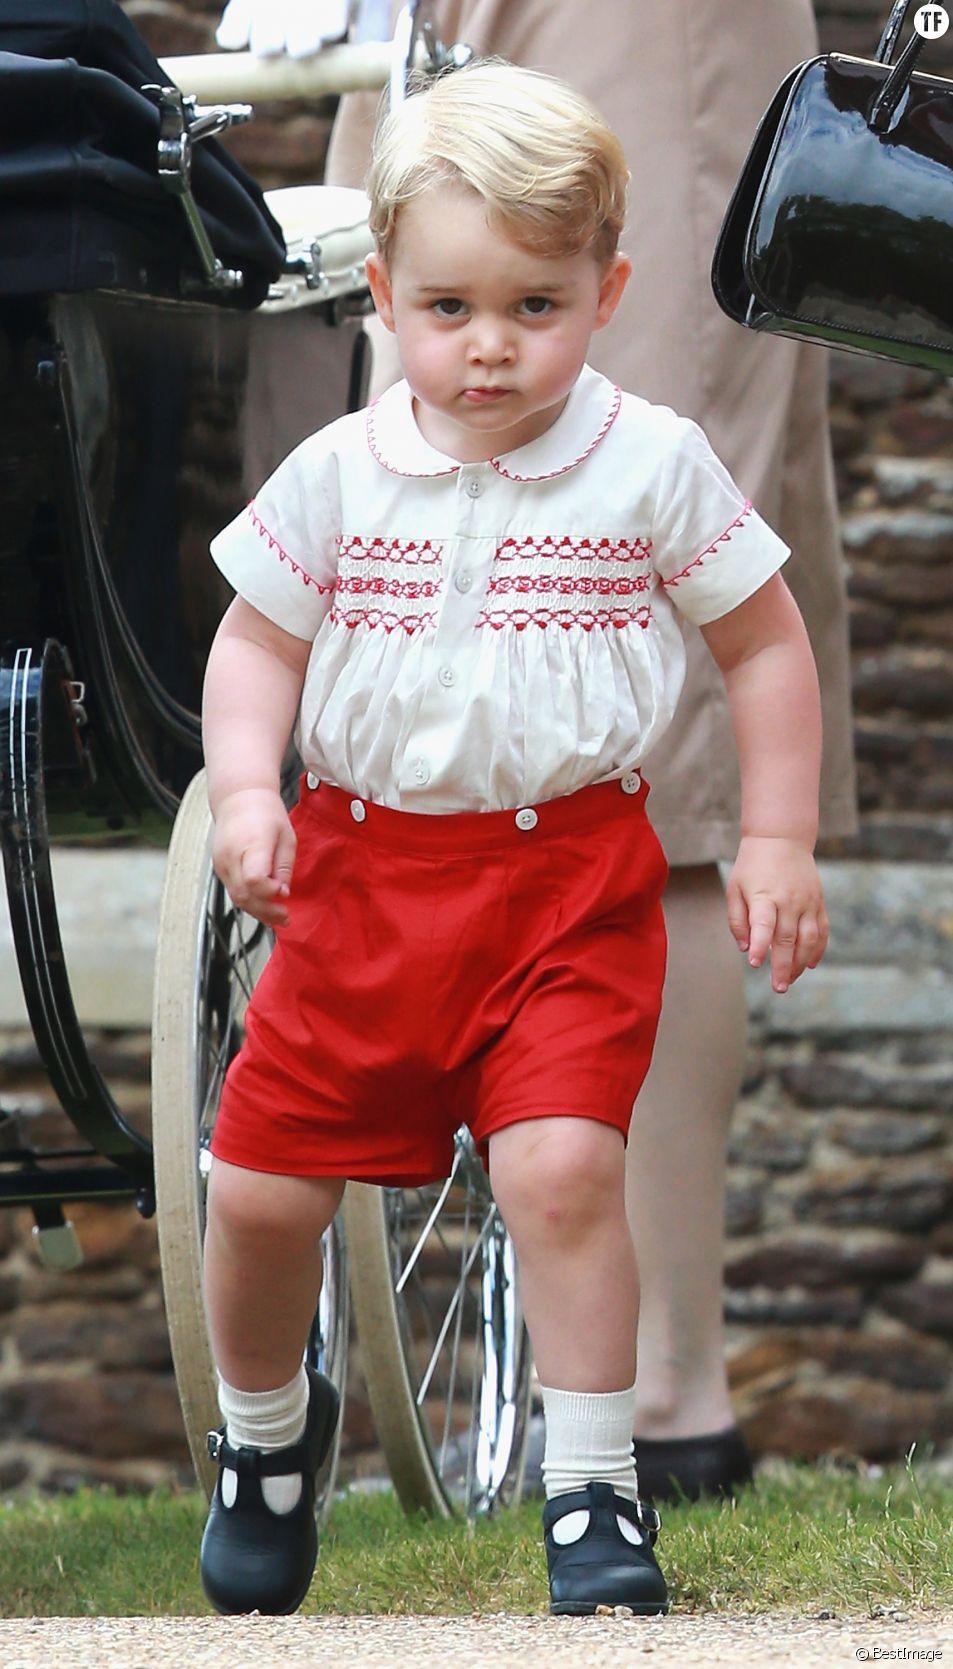 Le prince George de Cambridge - Sorties après le baptême de la princesse Charlotte de Cambridge à l'église St. Mary Magdalene à Sandringham, le 5 juillet 2015.